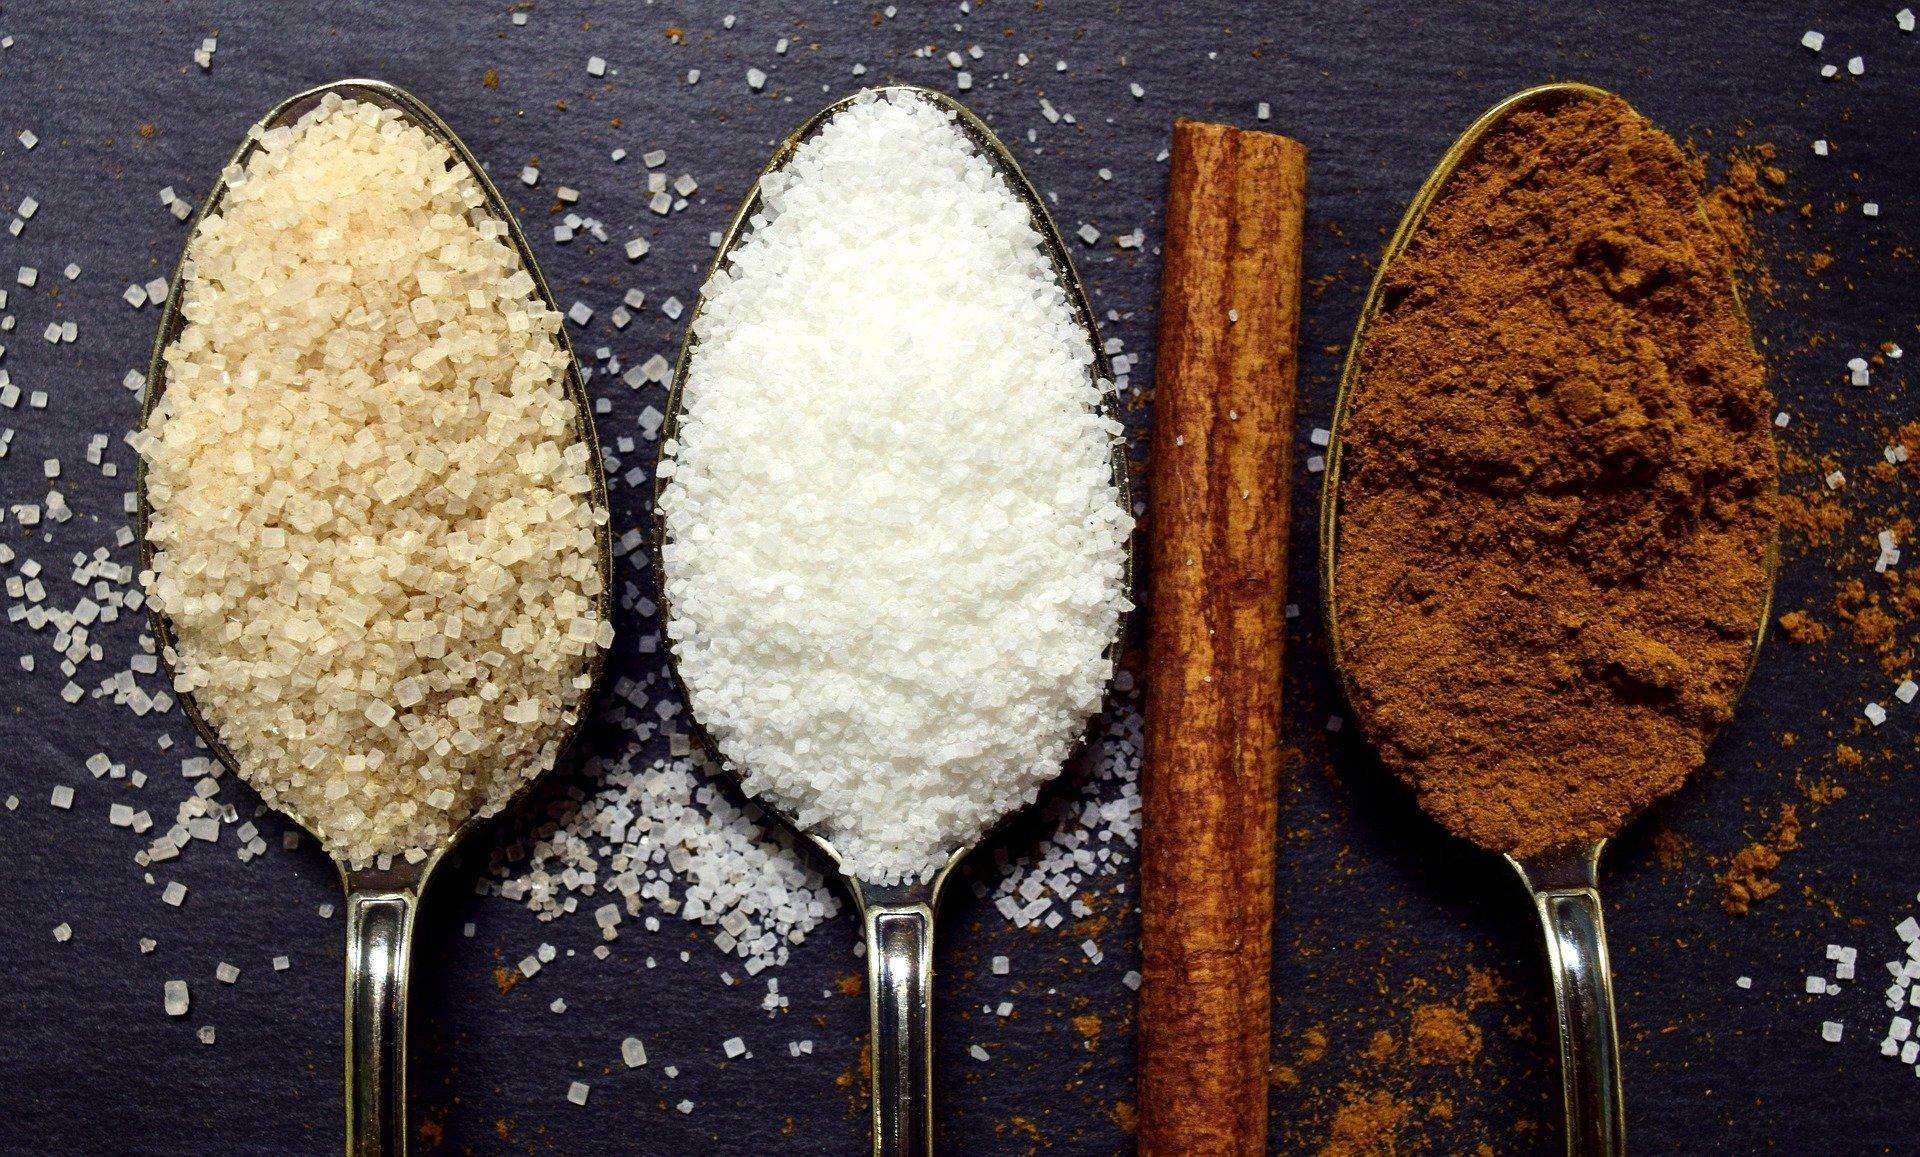 Цукор потрібен людині — дієтолог розповіла про необхідність цукру